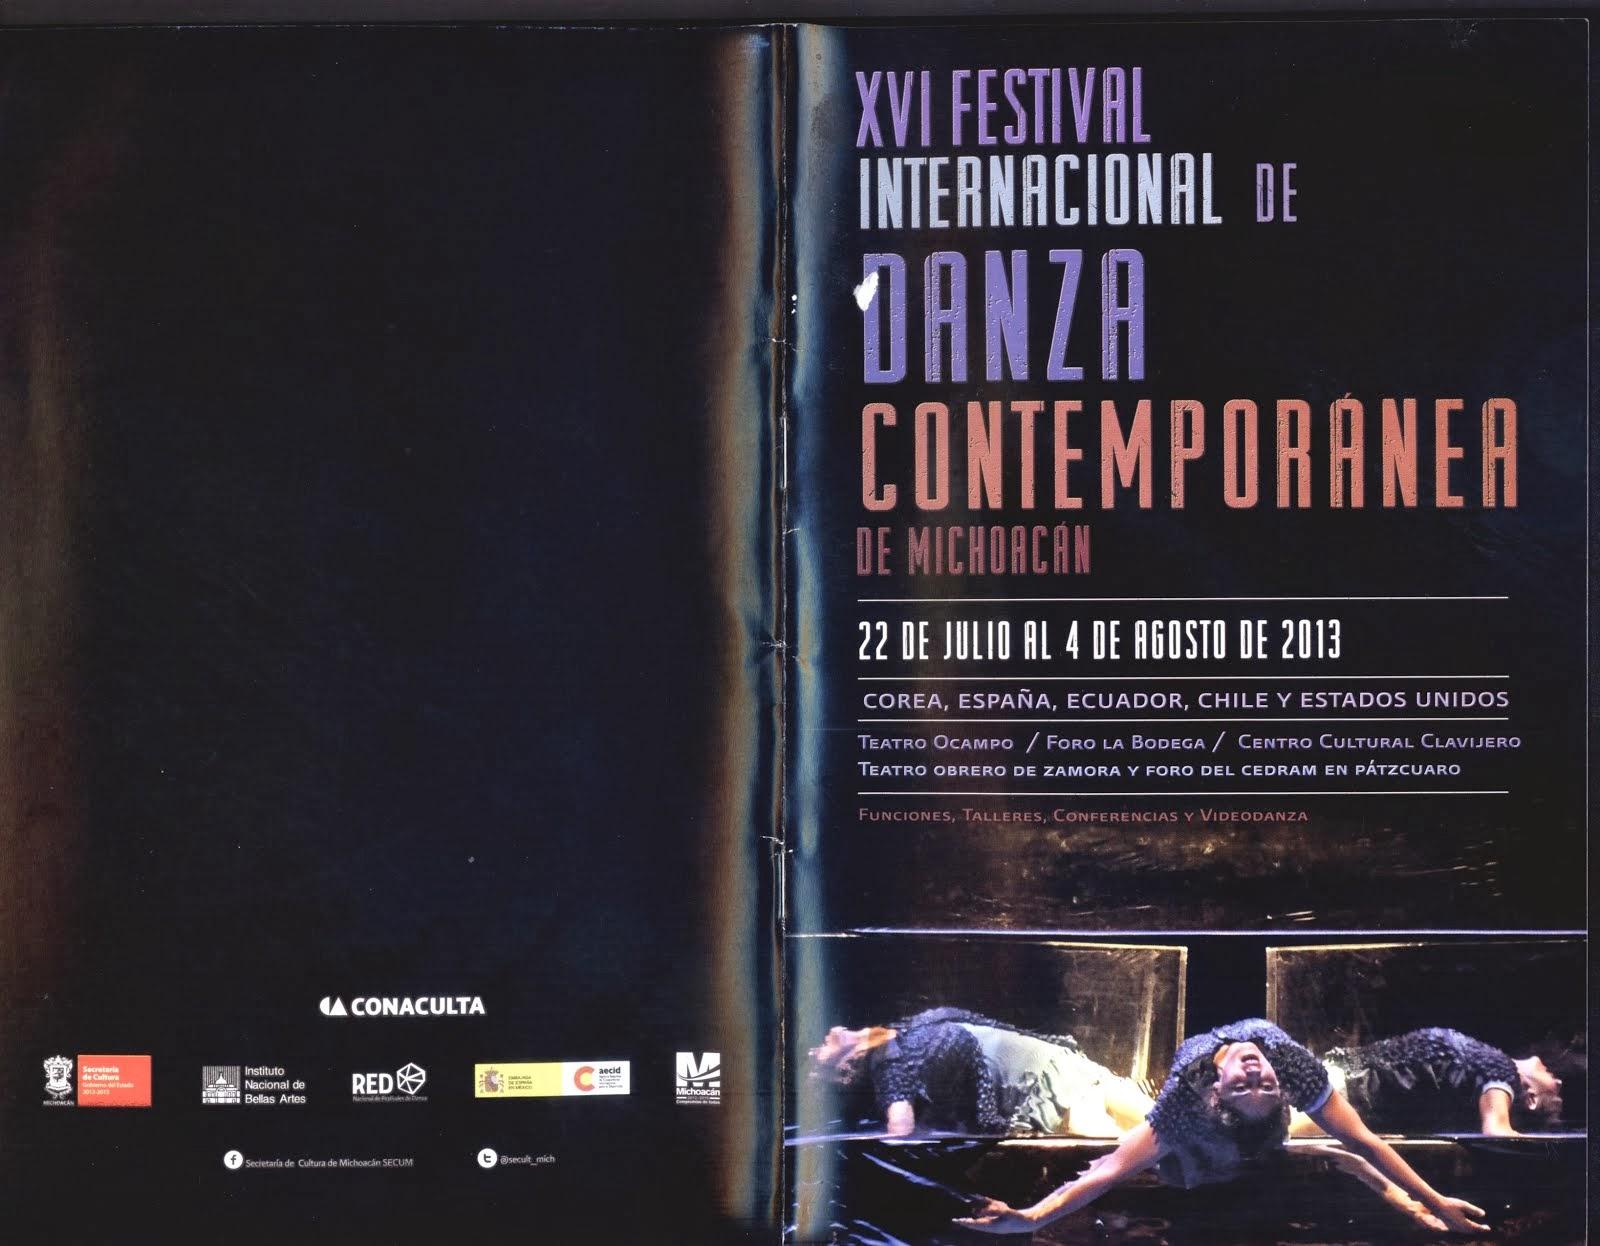 Festival Internacional de Danza Contemporánea de Michoacán